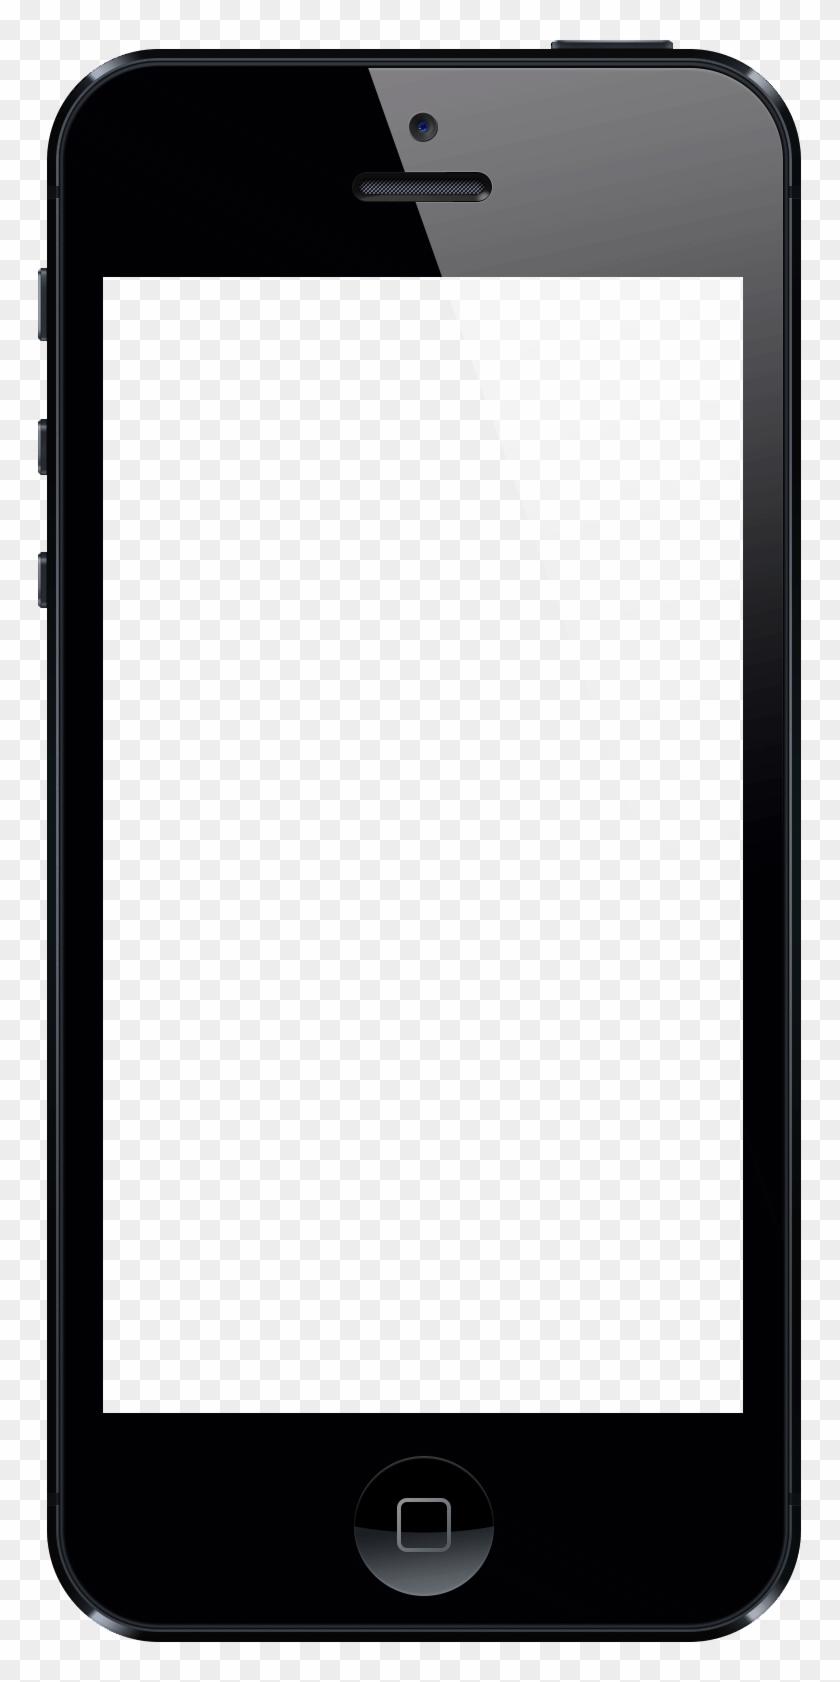 19 Mobile Clip Art Transpa Frame Huge Freebie For - Iphone Frame Clip Art #1726842